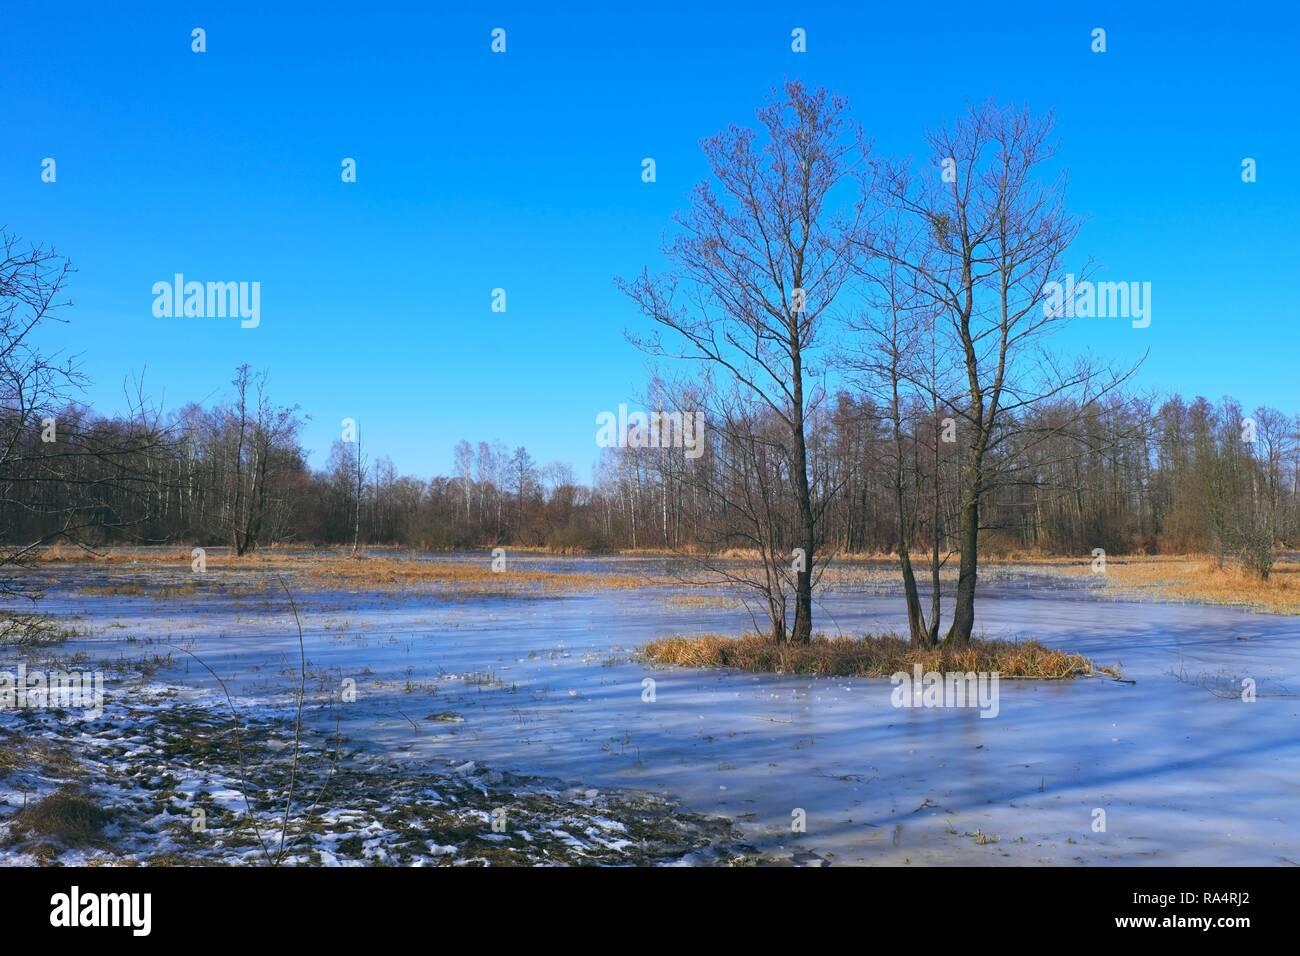 Polska - Mazowsze - Warszawa - Kampinoski Park Narodowy - podmokle  polany lesne w czasie przedwiosnia w okolicach Truskawia  Poland - Mazovia - Warsaw - Kampinoski National Park - flooded forest gras - Stock Image